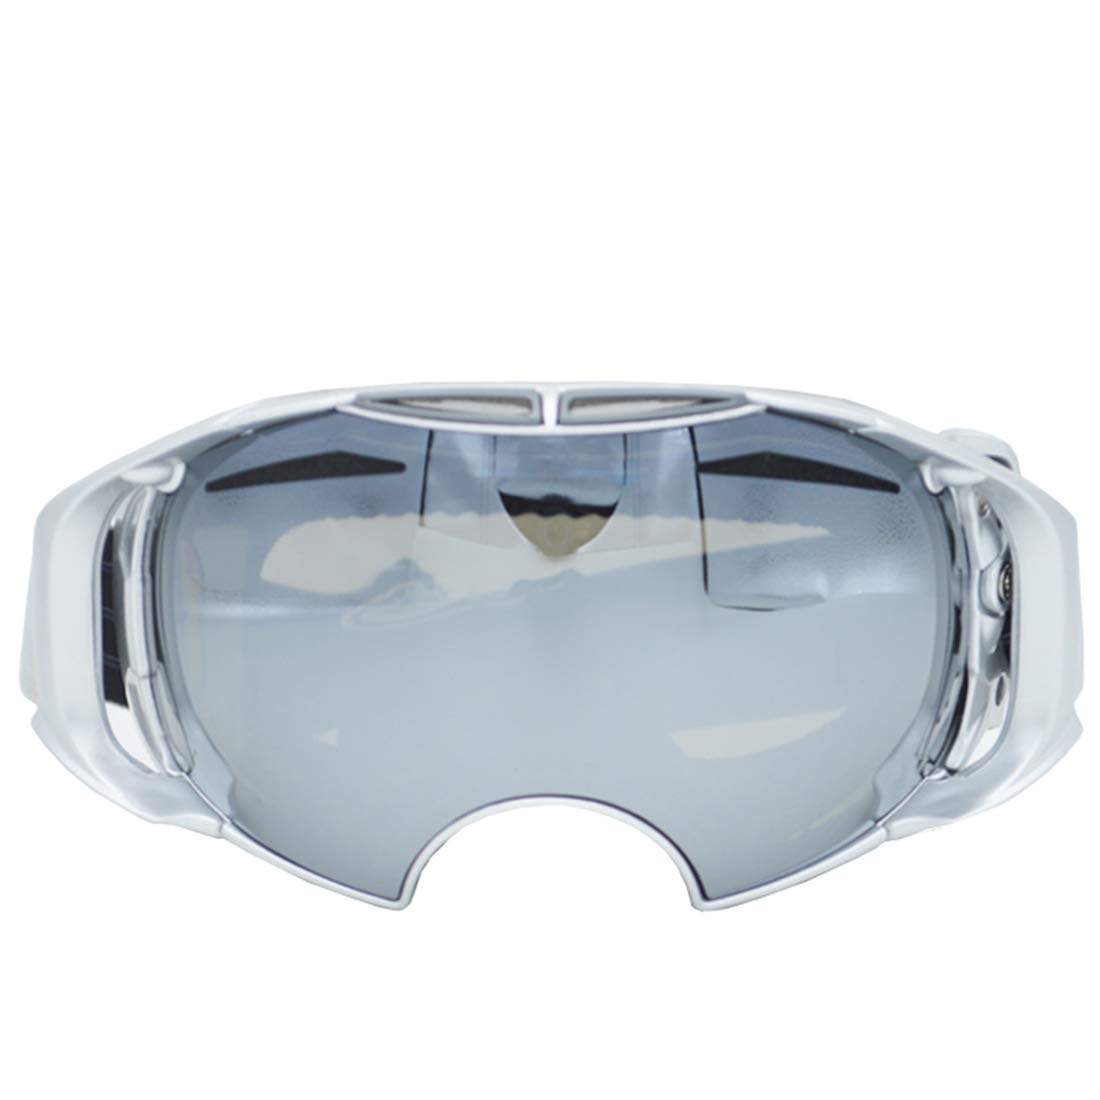 JESSIEKERVIN YY3 Gafas de esquí de Nieve Lente Doble Antivaho A Prueba de Viento UV400 Gafas para jóvenes - Esquí, Snowboard, Motociclismo (Color : 04)